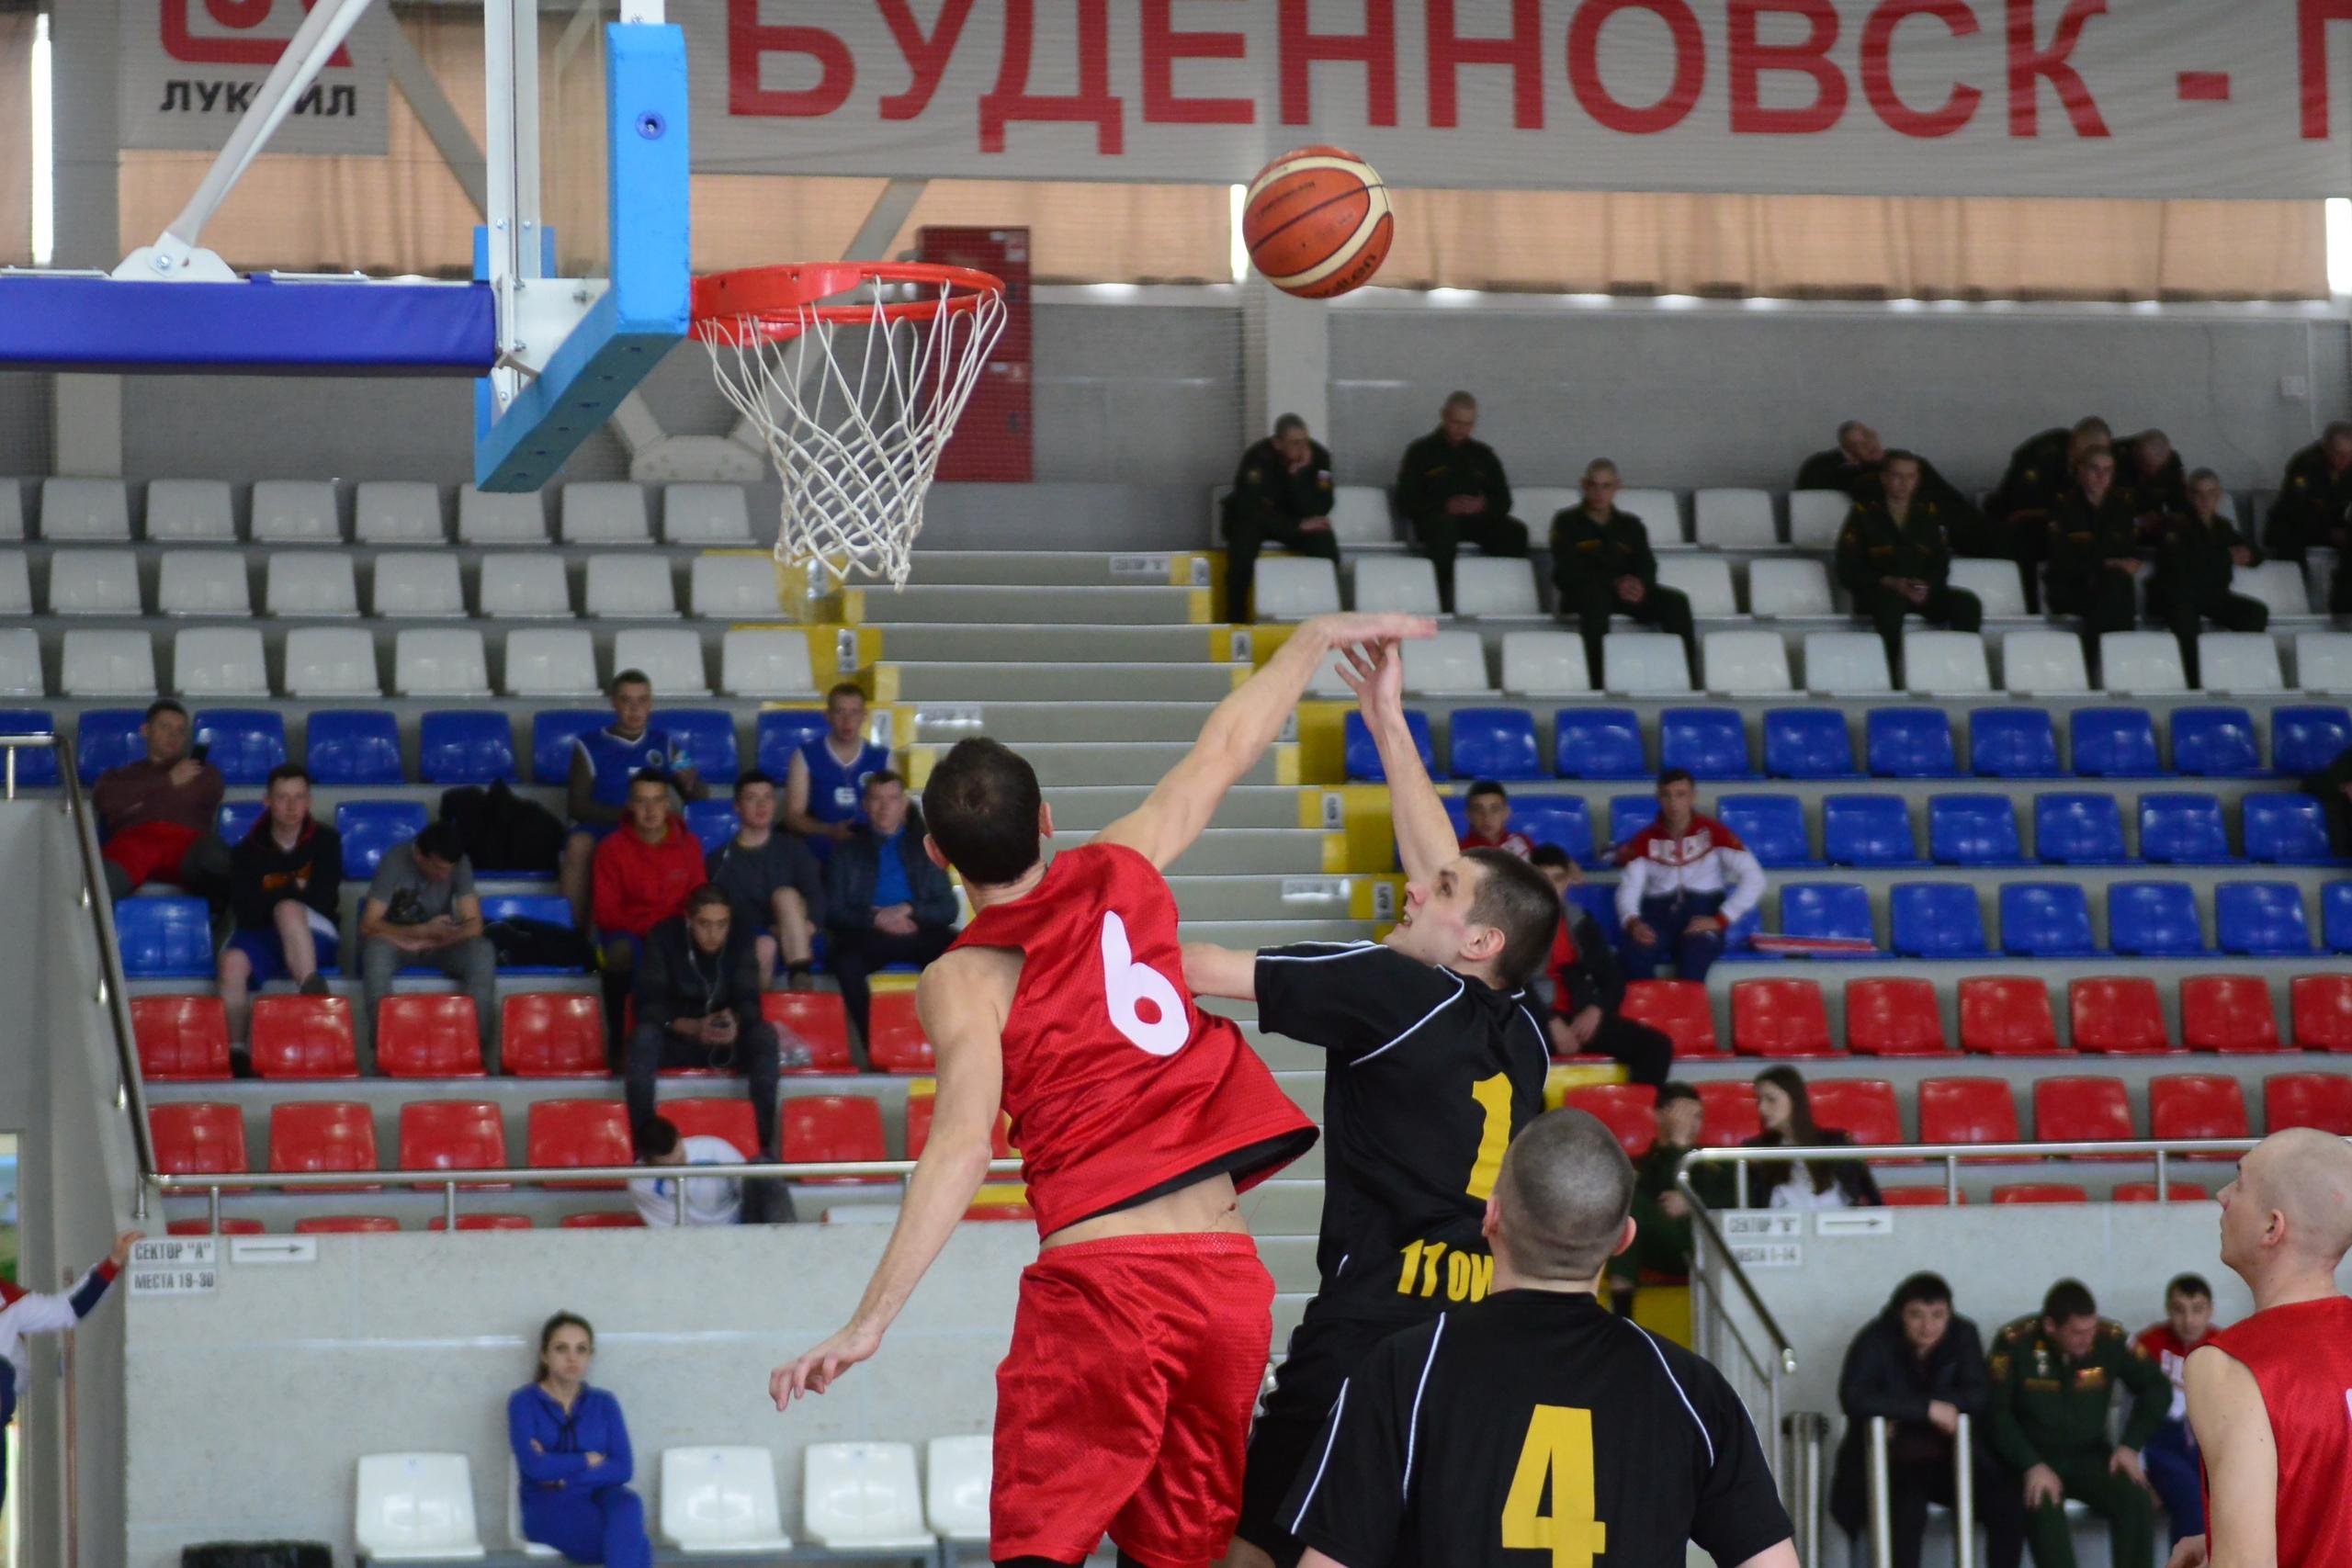 Баскетбольные сражения военных